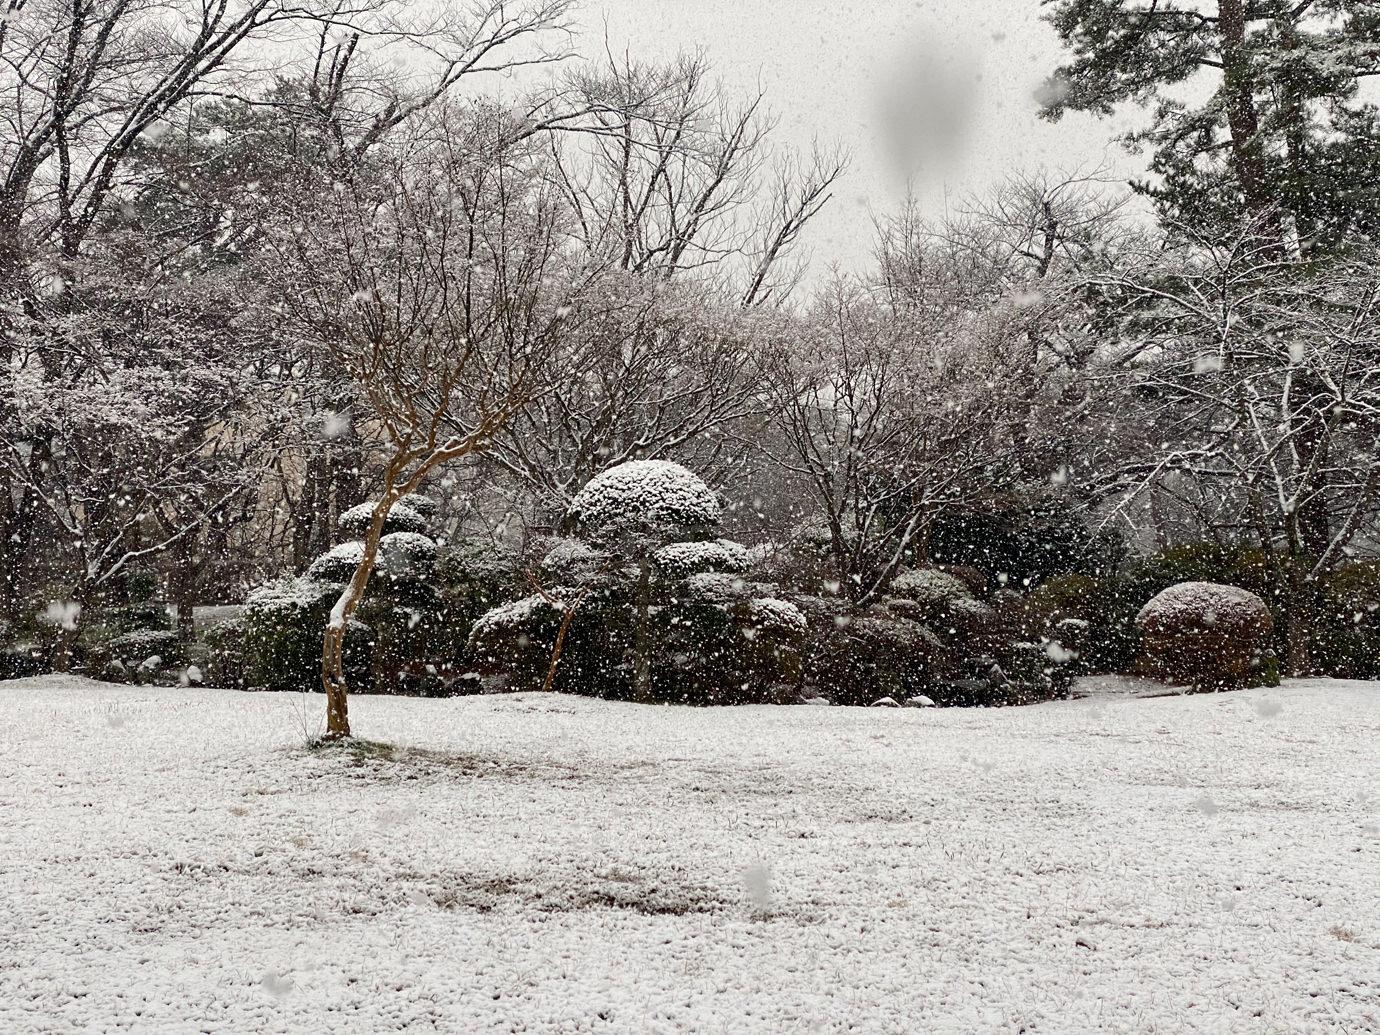 芝生につもる雪